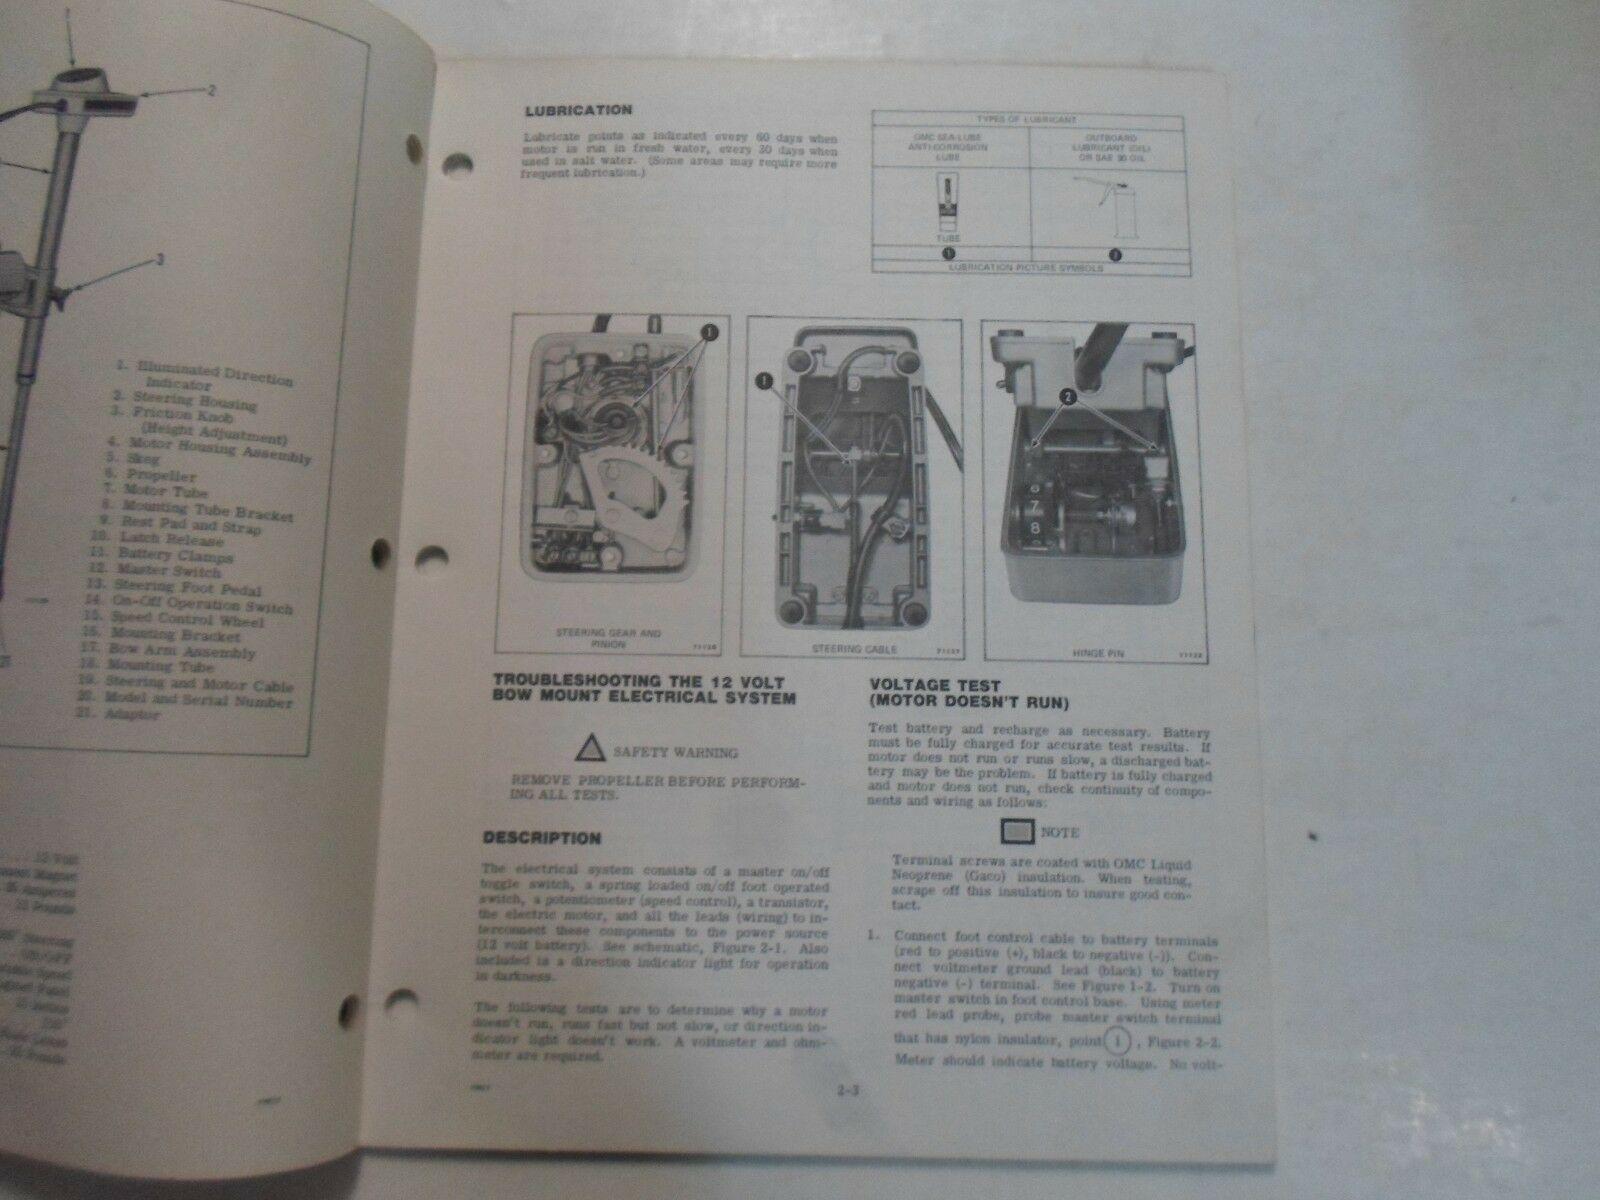 1977 Evinrude Service Shop Repair Manual Electric EB 52 54 82 84 OEM Boat WORN image 8